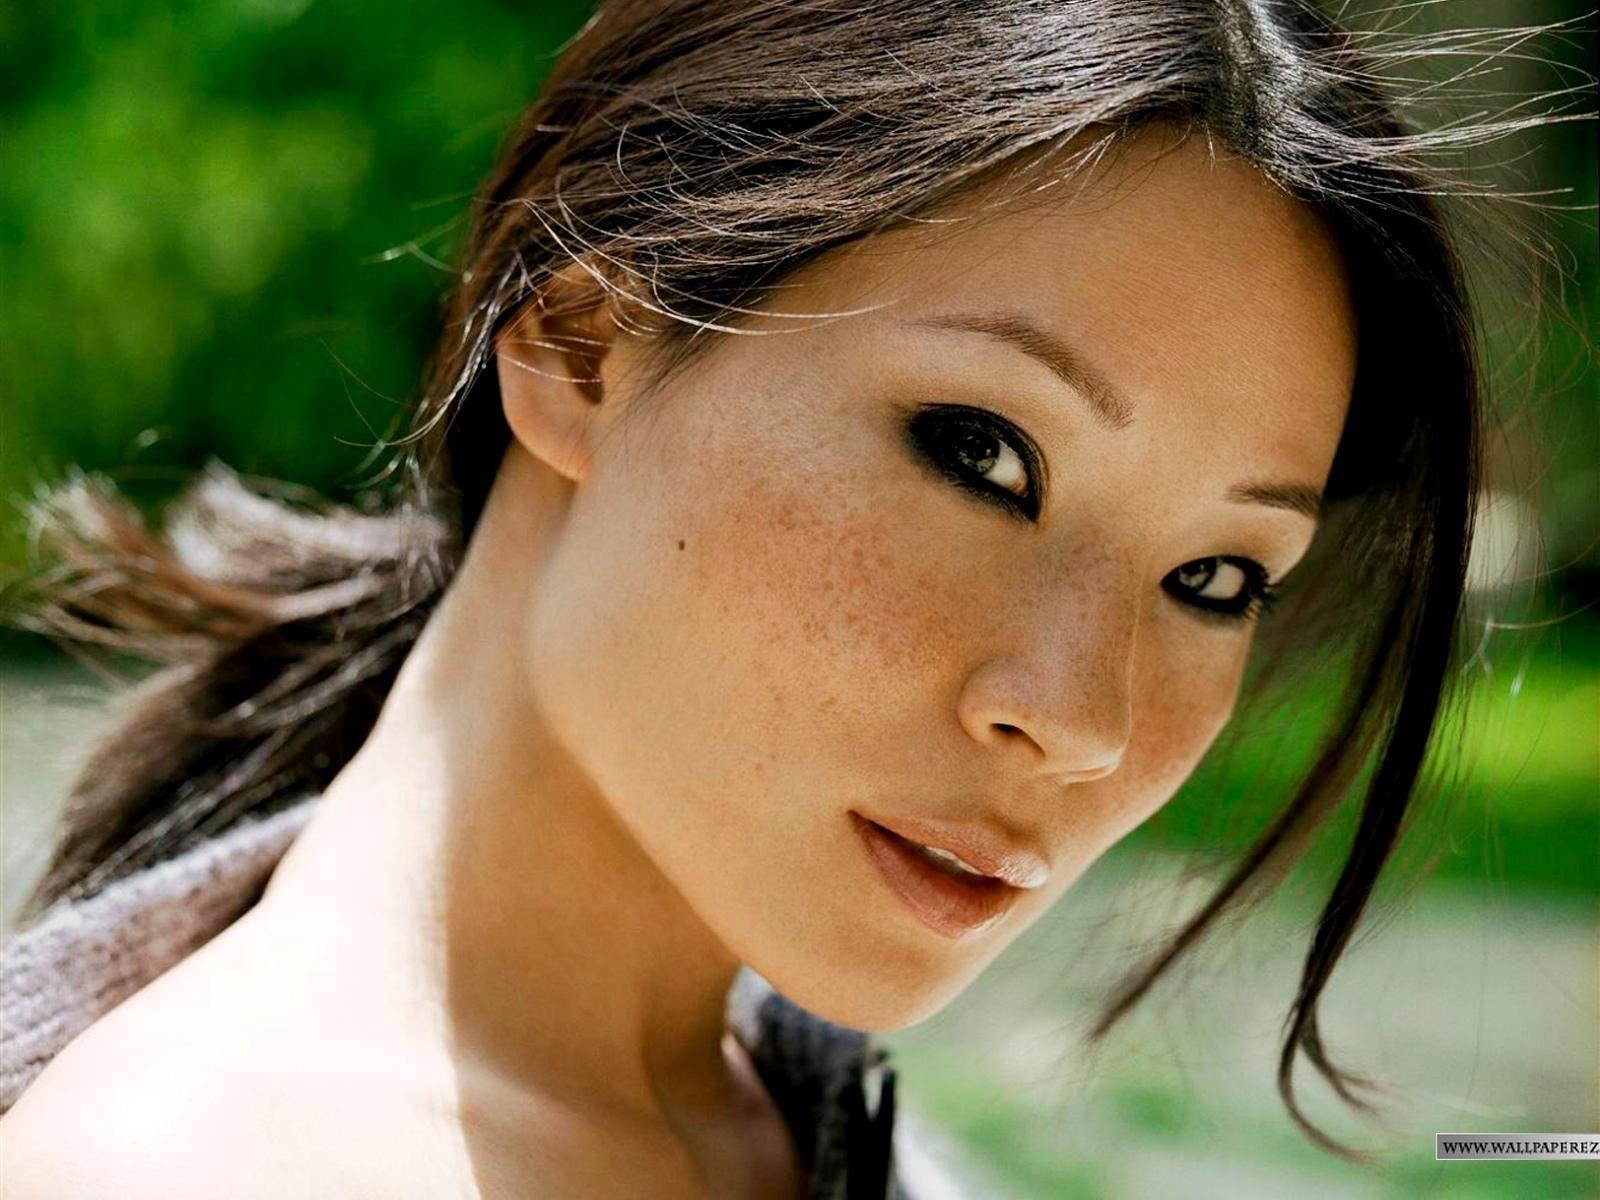 http://4.bp.blogspot.com/-ZG8jmj4Yh-0/T7UojH9NBDI/AAAAAAAADEU/npJgwxSUV68/s1600/lucy-liu-photo-66d093.jpg